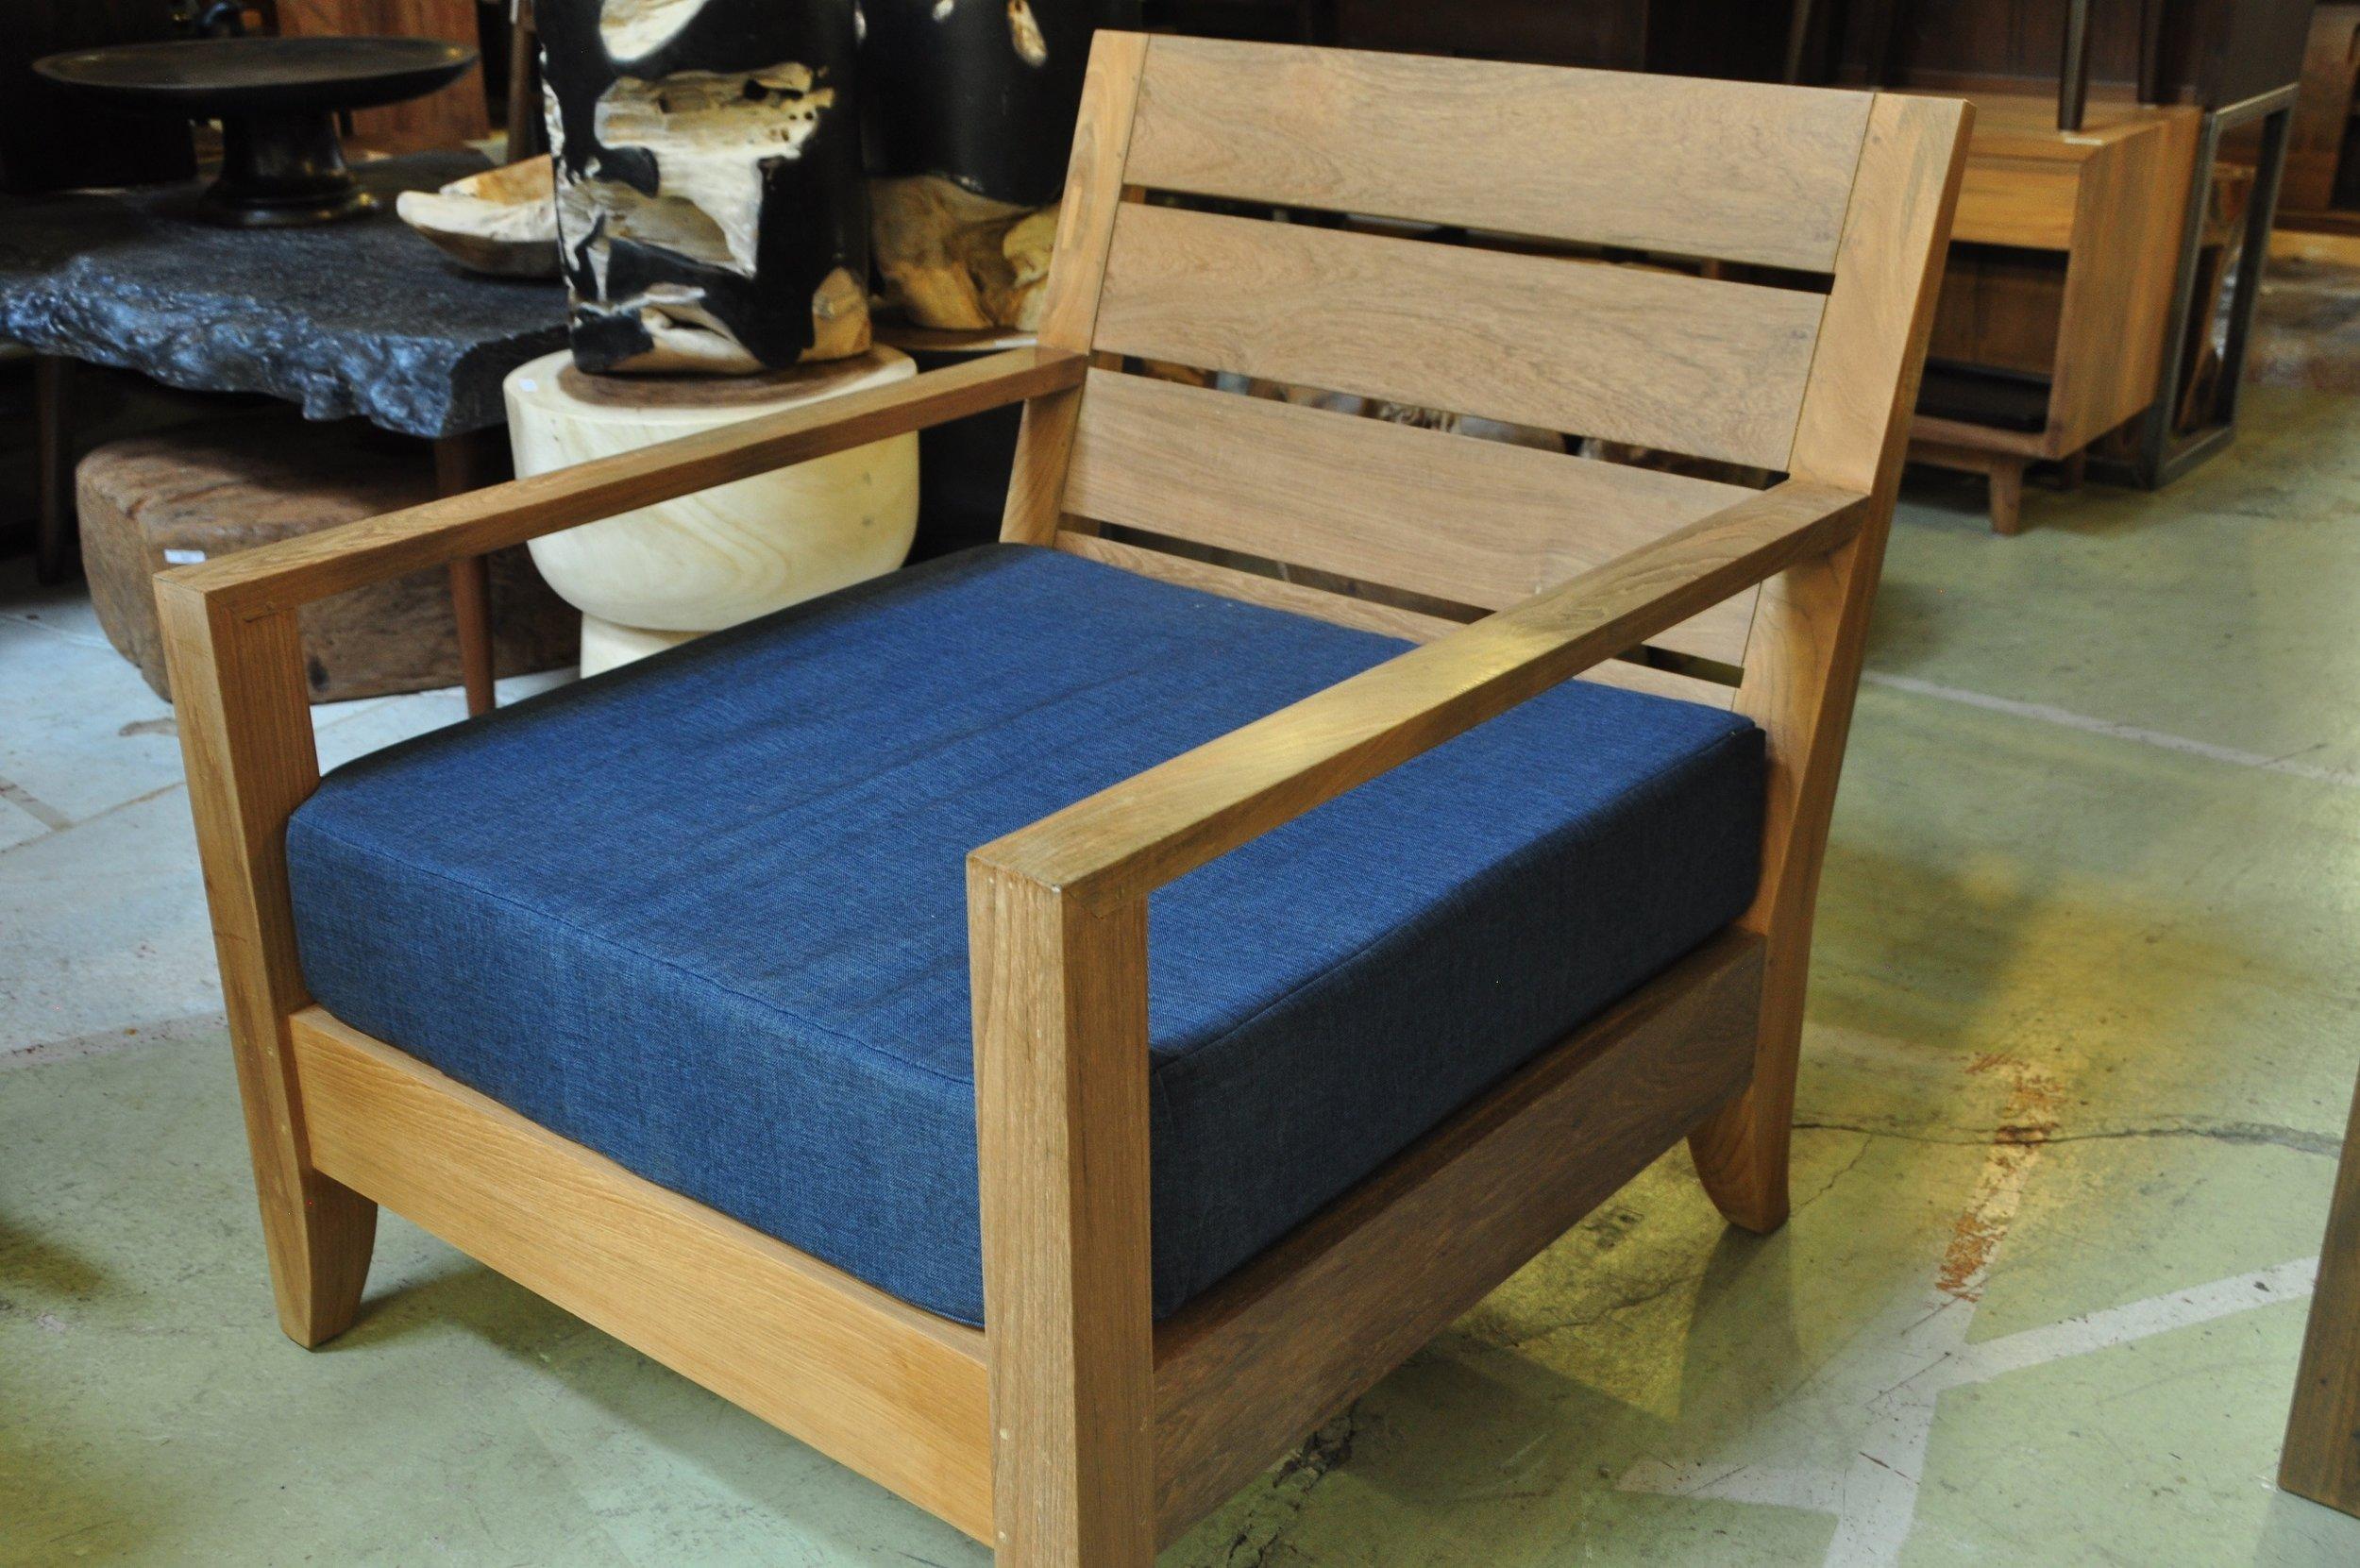 """Sayan Lounge Chair 29.92""""Wx36.6""""Dx31.5""""H $685  Sayan Love Seat 54.75""""Wx36.6""""Dx31.5""""H $1,100  Sayan Sofa 79.95""""Wx36.6""""Dx31.5""""H $1,570"""